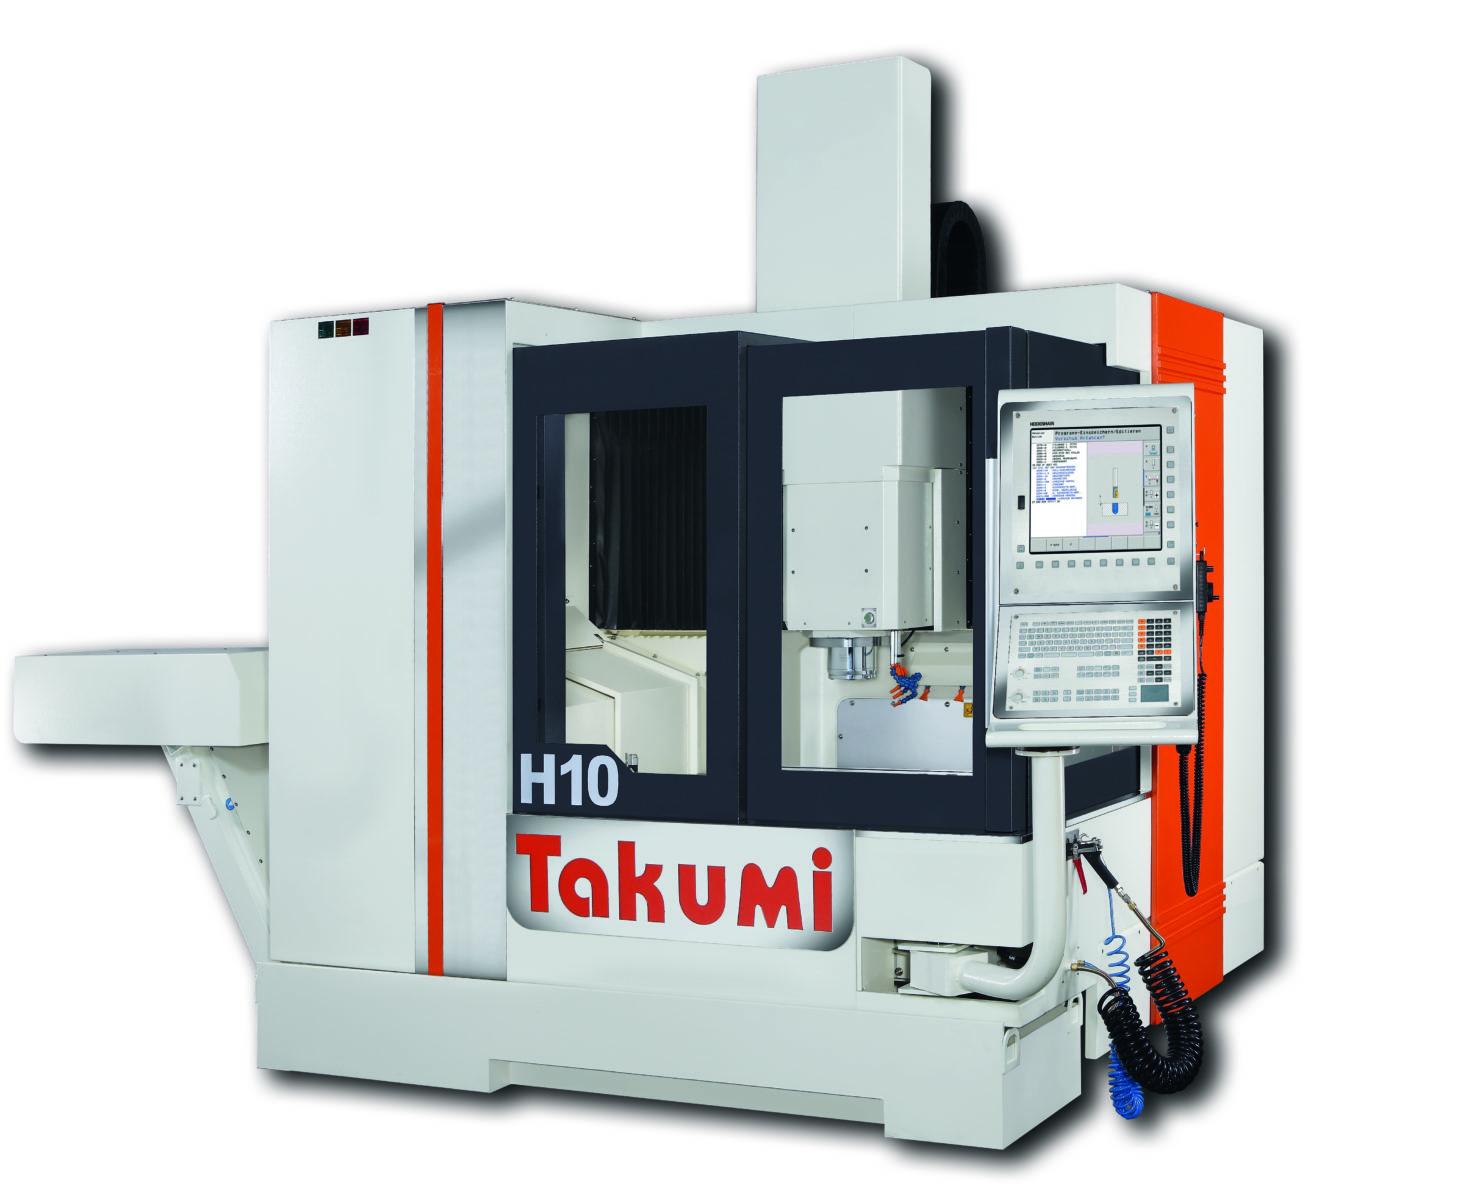 Takumi H10: 3-axis Machining Center with Heidenhain control